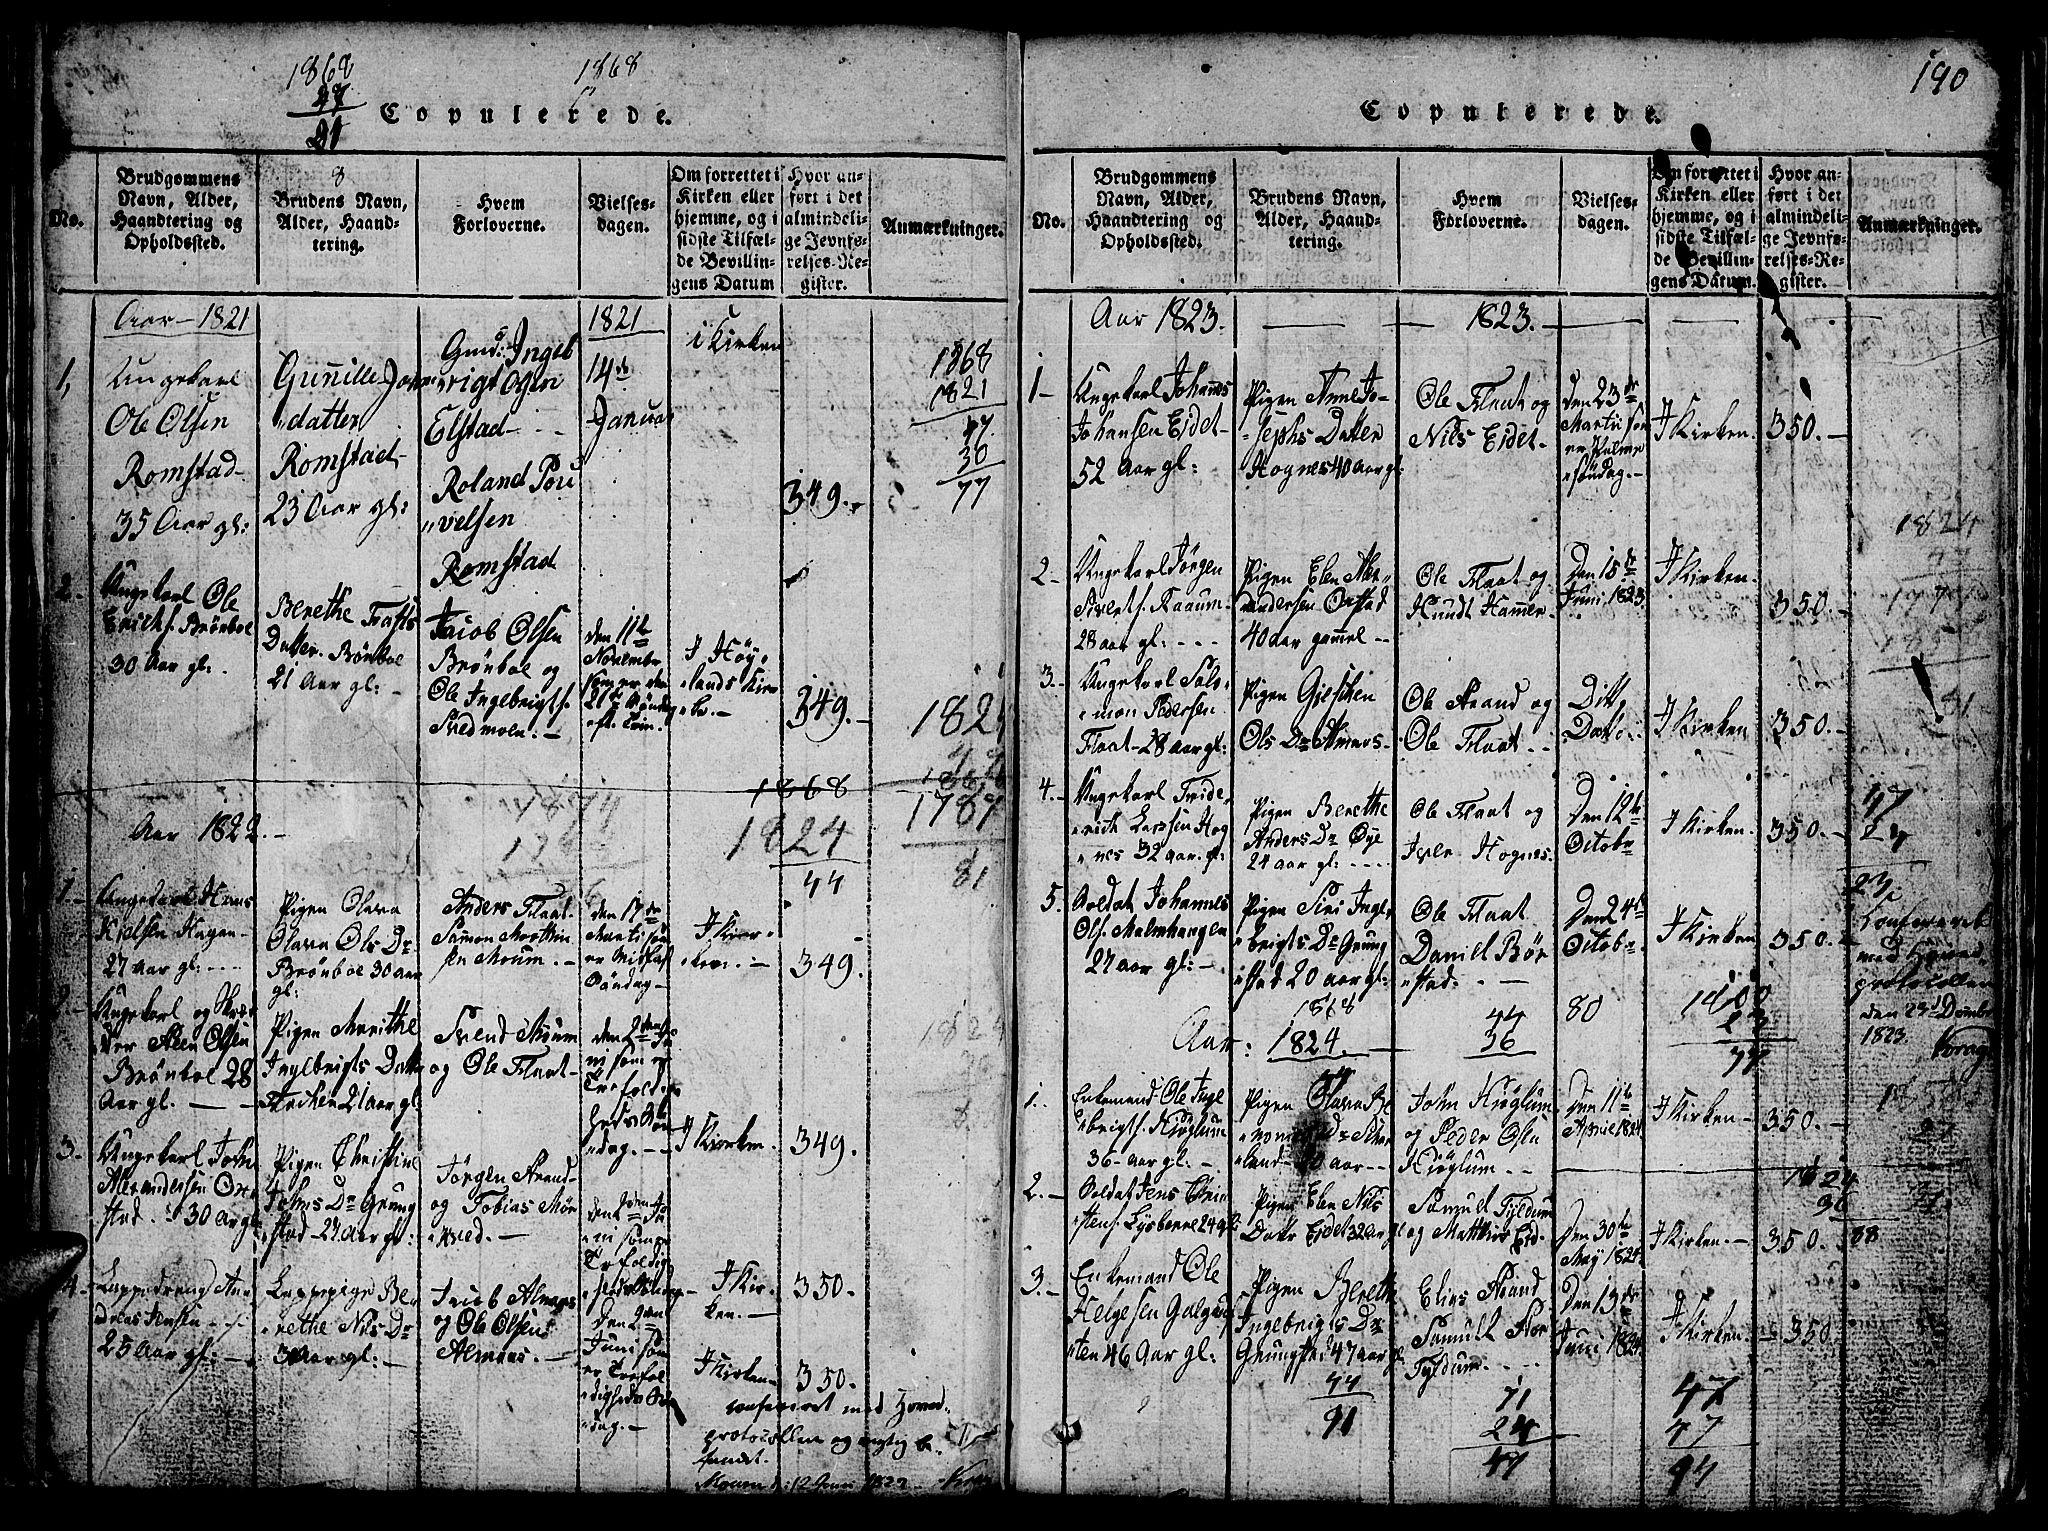 SAT, Ministerialprotokoller, klokkerbøker og fødselsregistre - Nord-Trøndelag, 765/L0562: Klokkerbok nr. 765C01, 1817-1851, s. 190